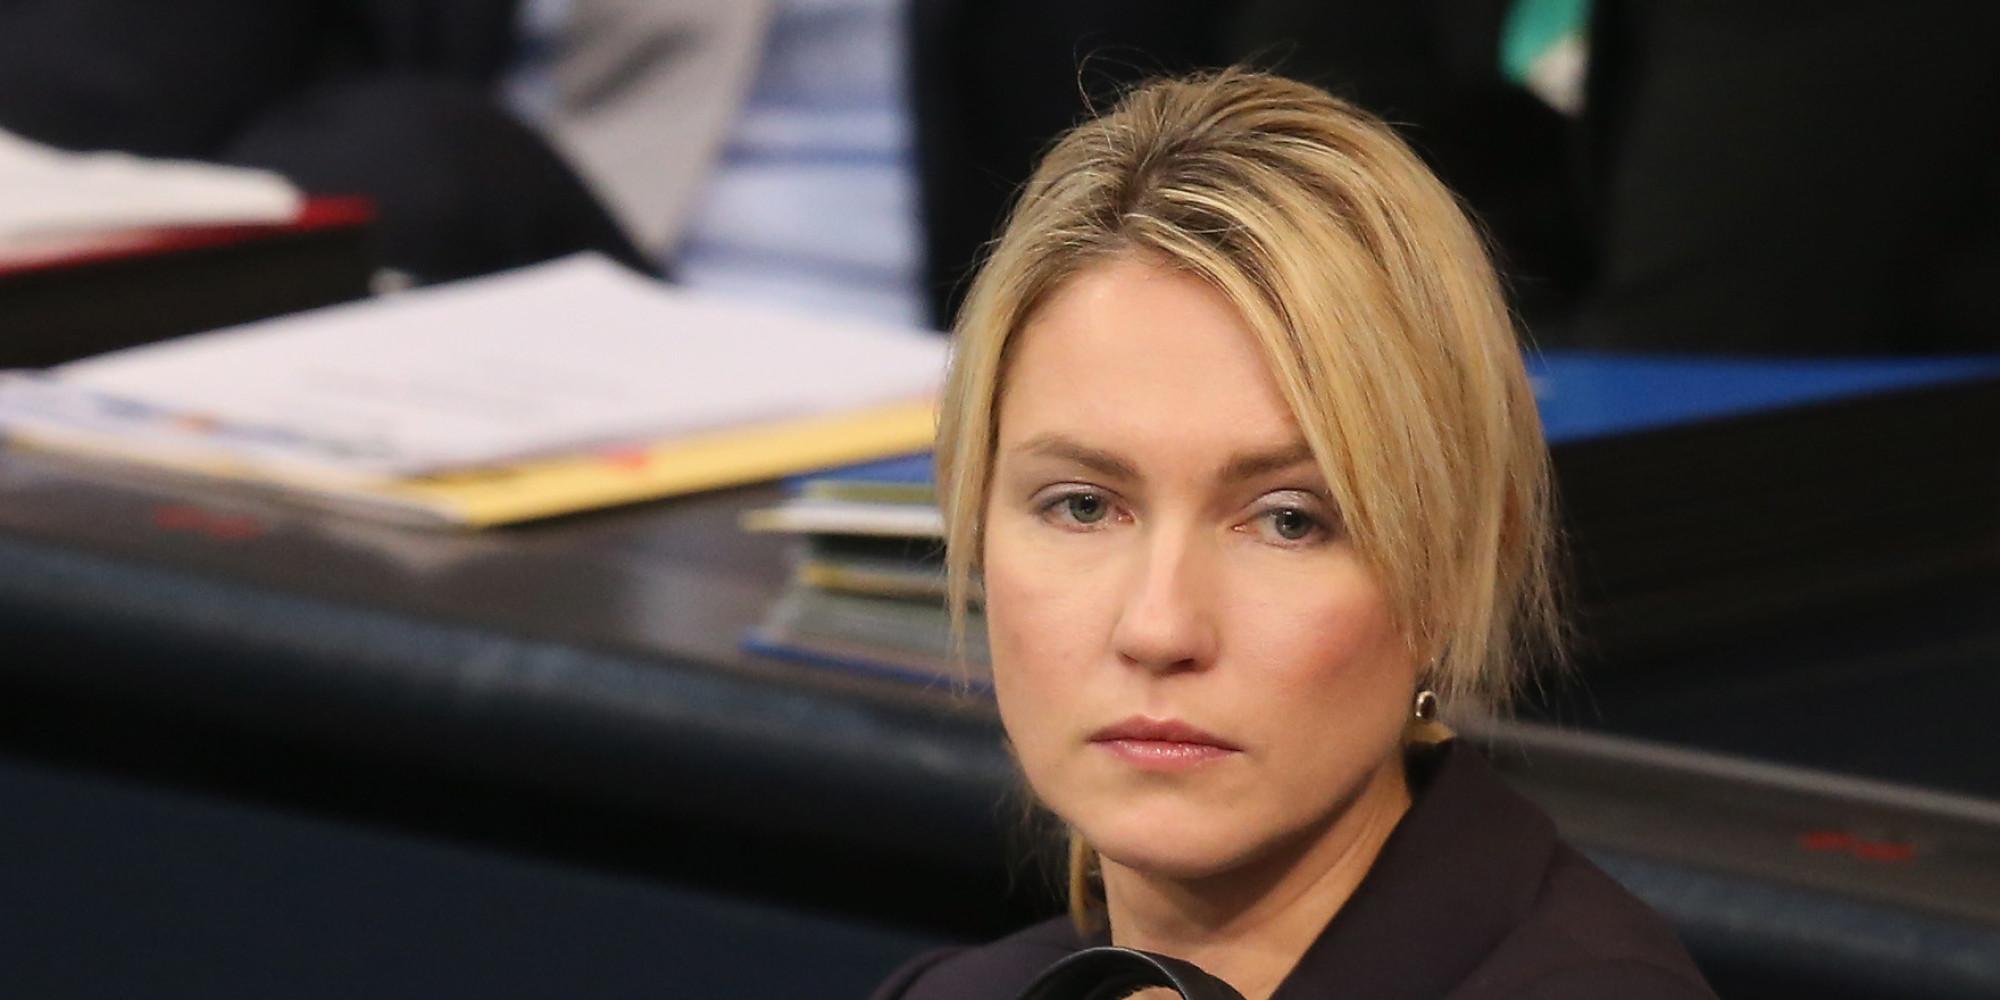 """Urteil: Frauenministerin Manuela Schwesig """"missachtet"""" Frauen"""